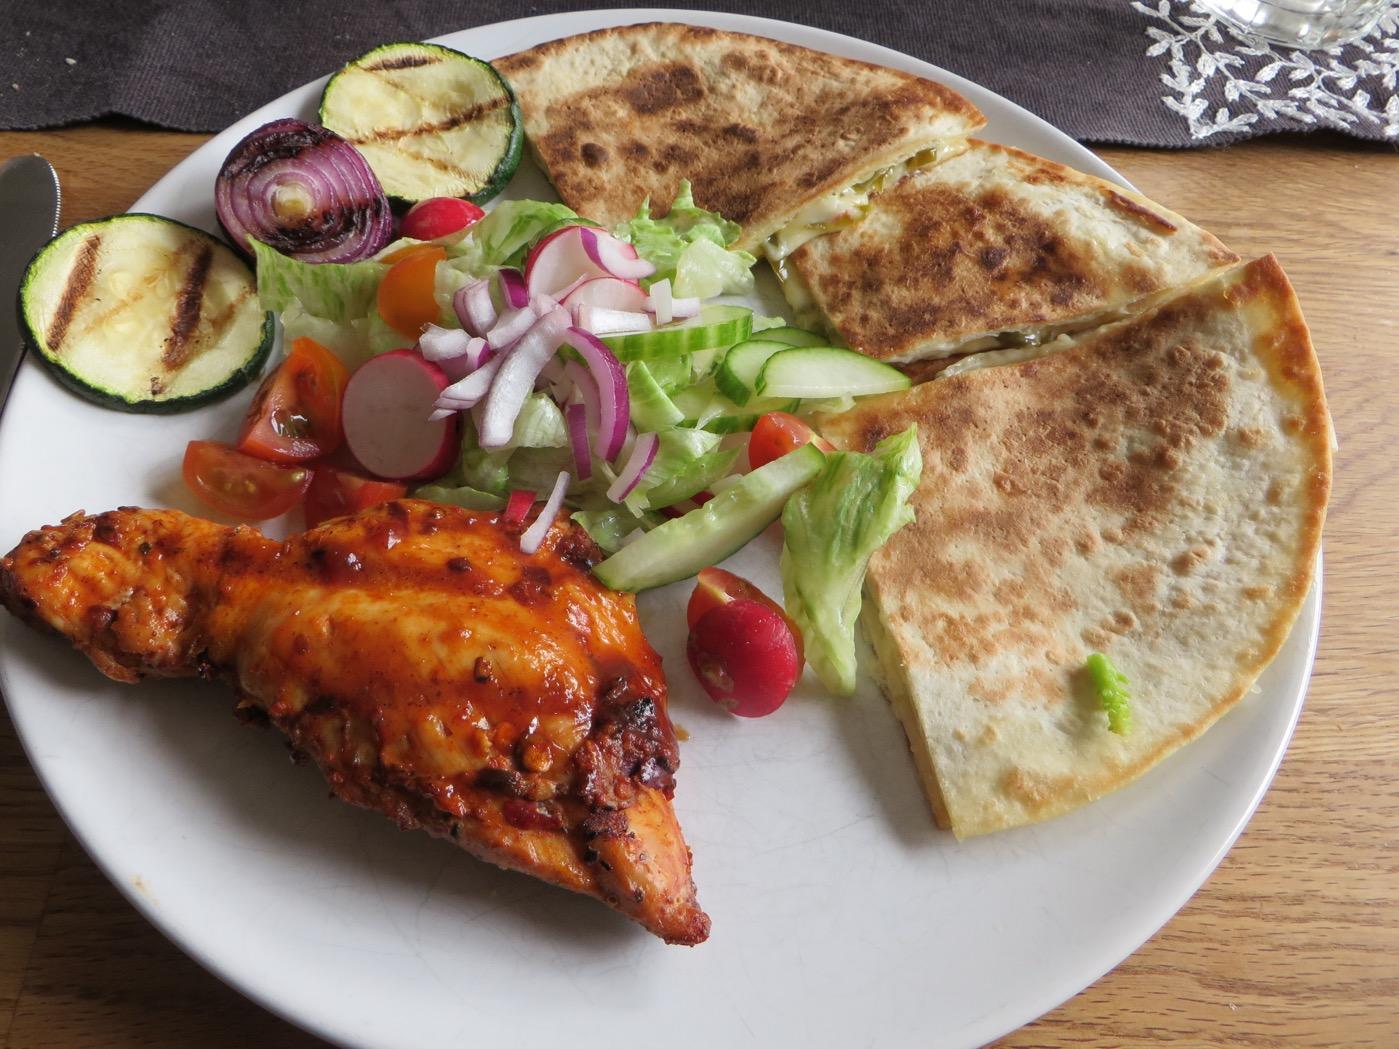 Grillad kyckling, sallad och quesadillas.